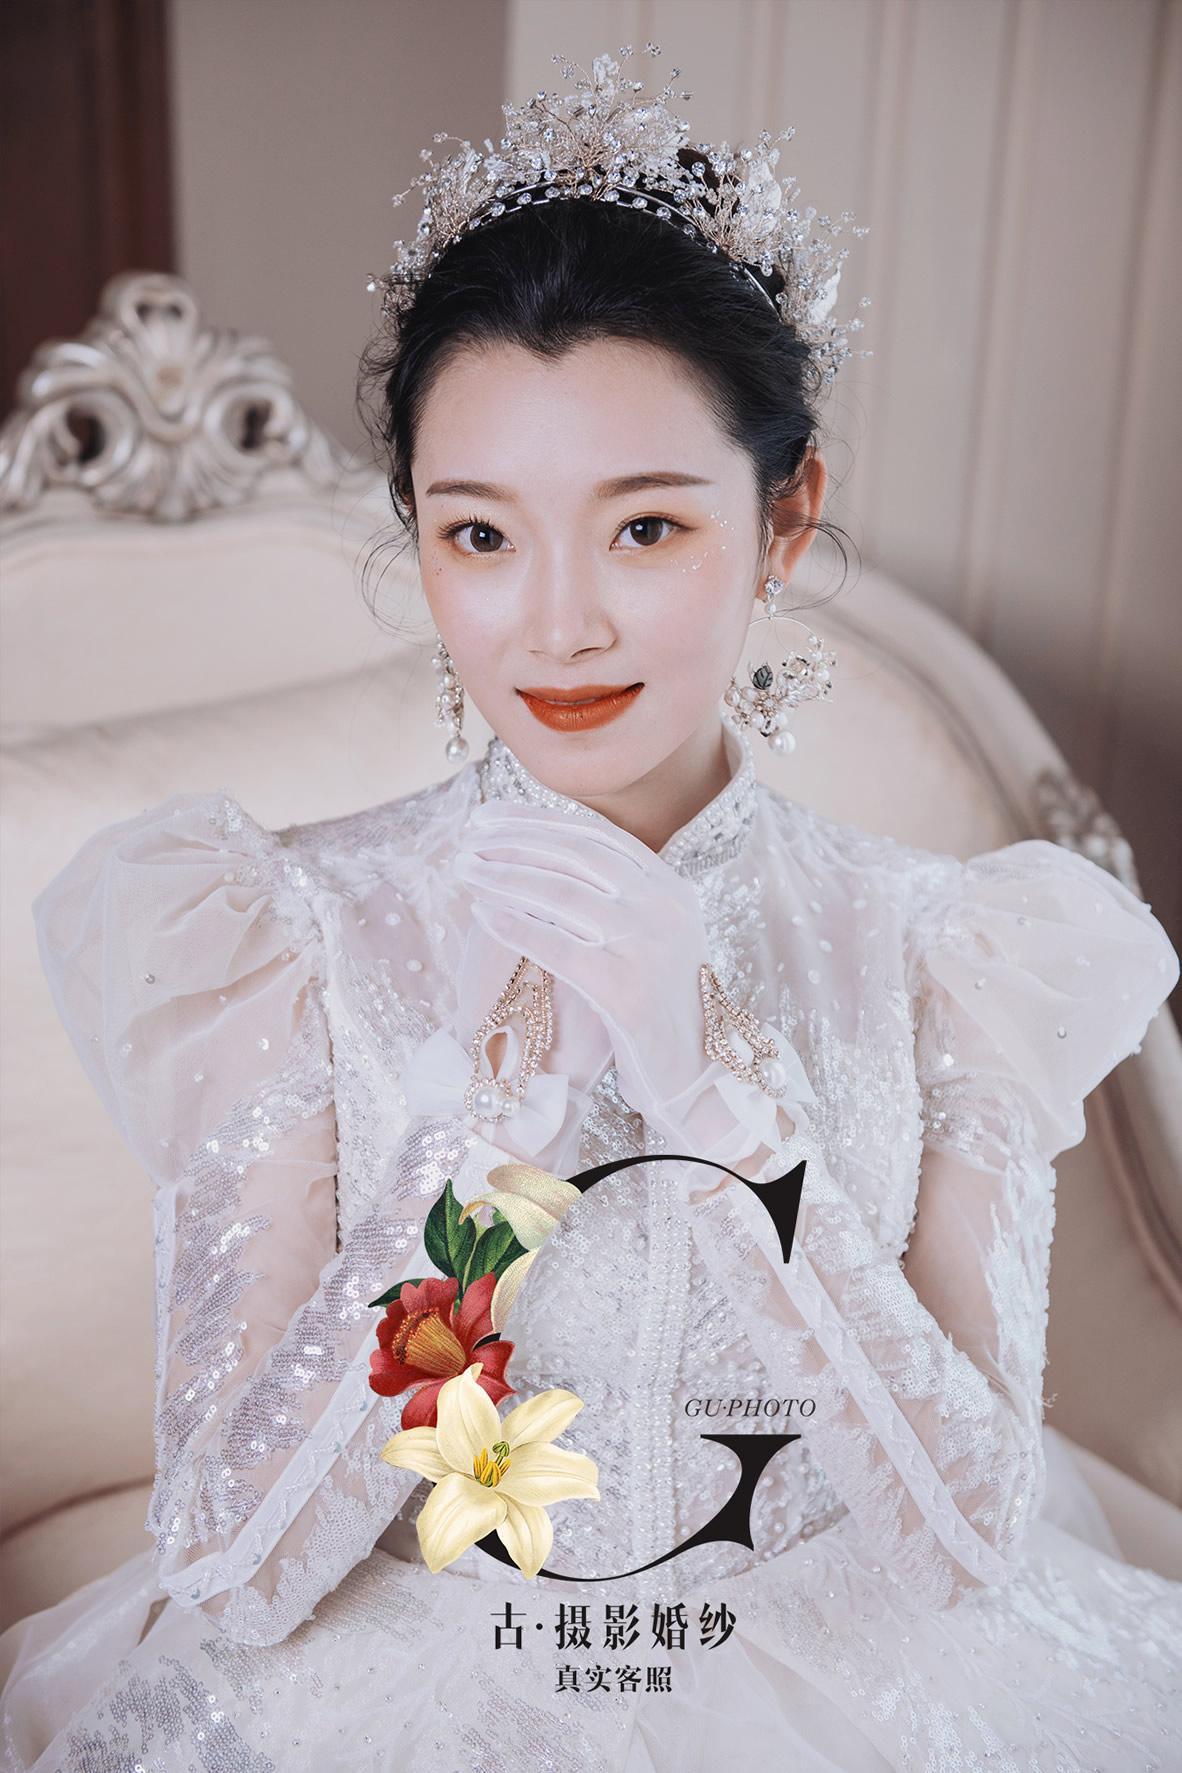 孙小姐夫妇 - 每日客照 - 古摄影婚纱艺术-古摄影成都婚纱摄影艺术摄影网